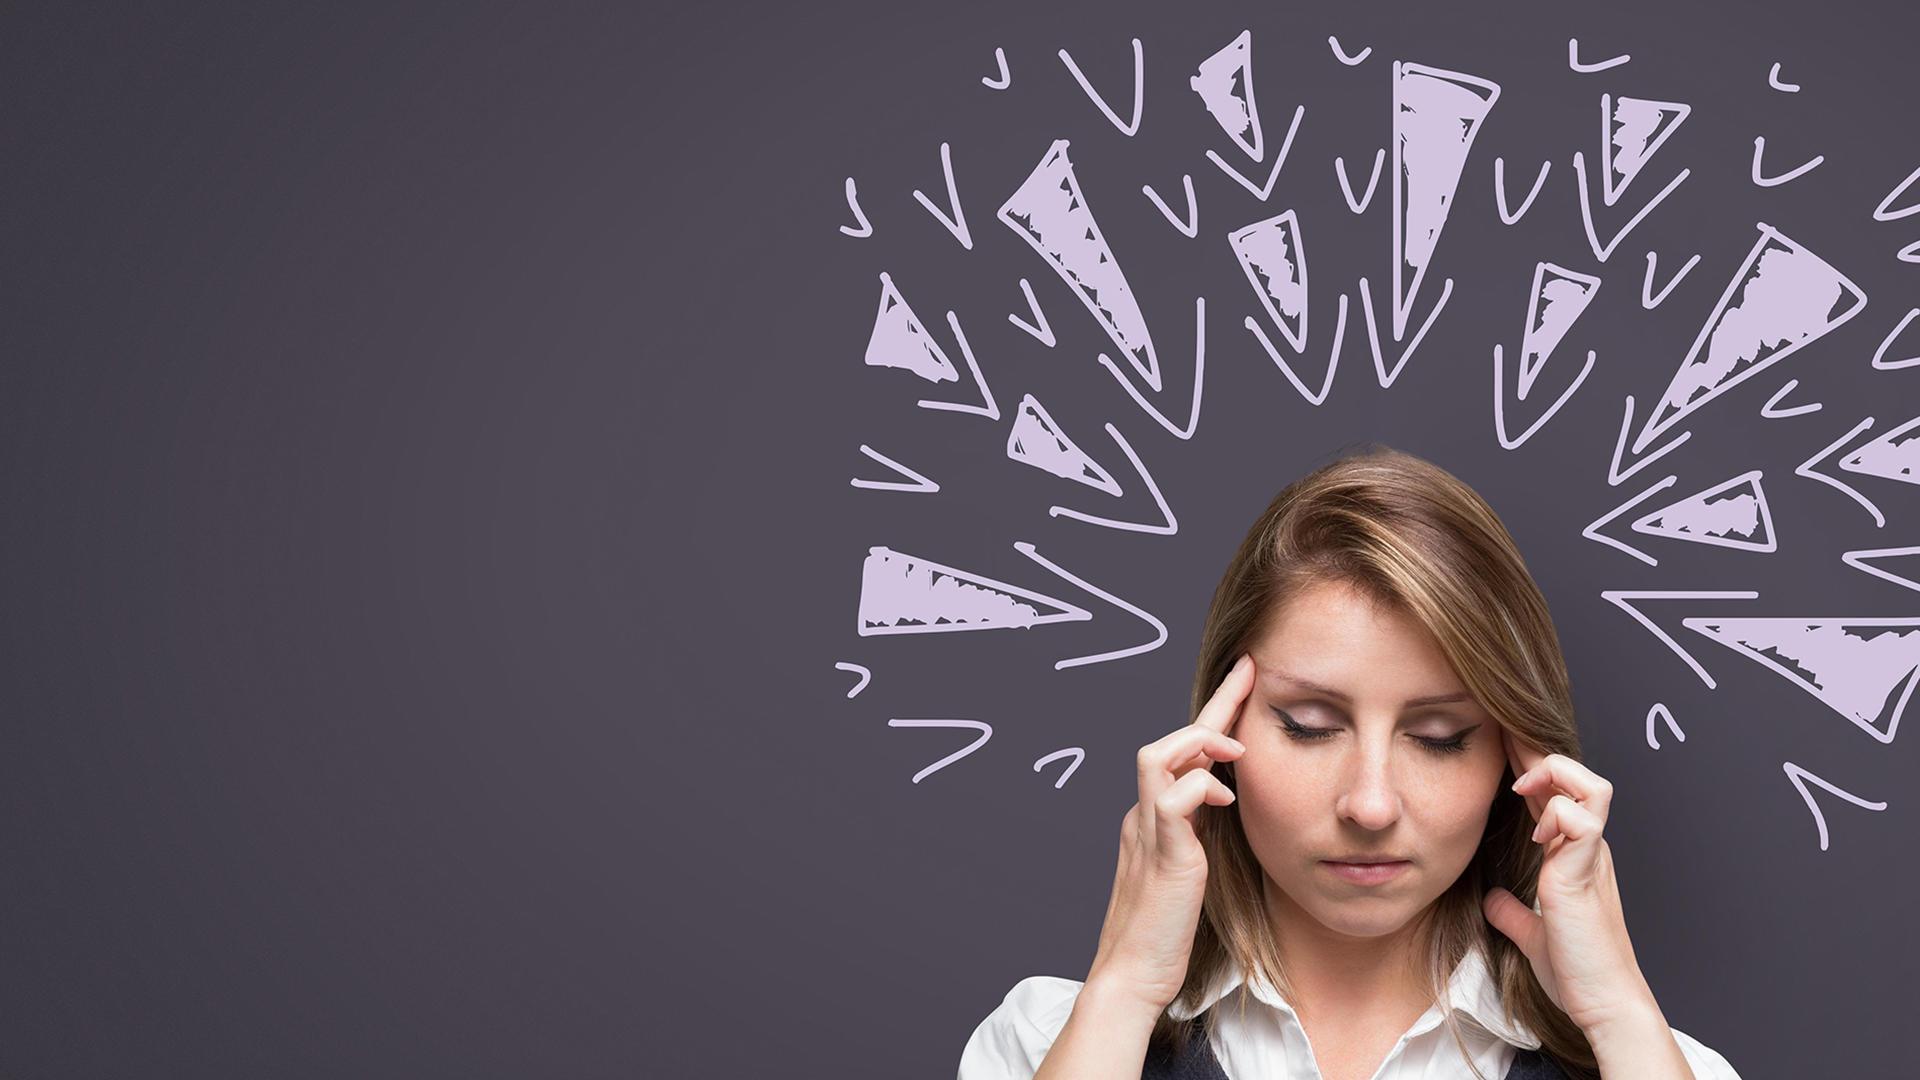 Giornata del mal di testa. Le nuove terapie per l'emicrania migliorano la vita del paziente